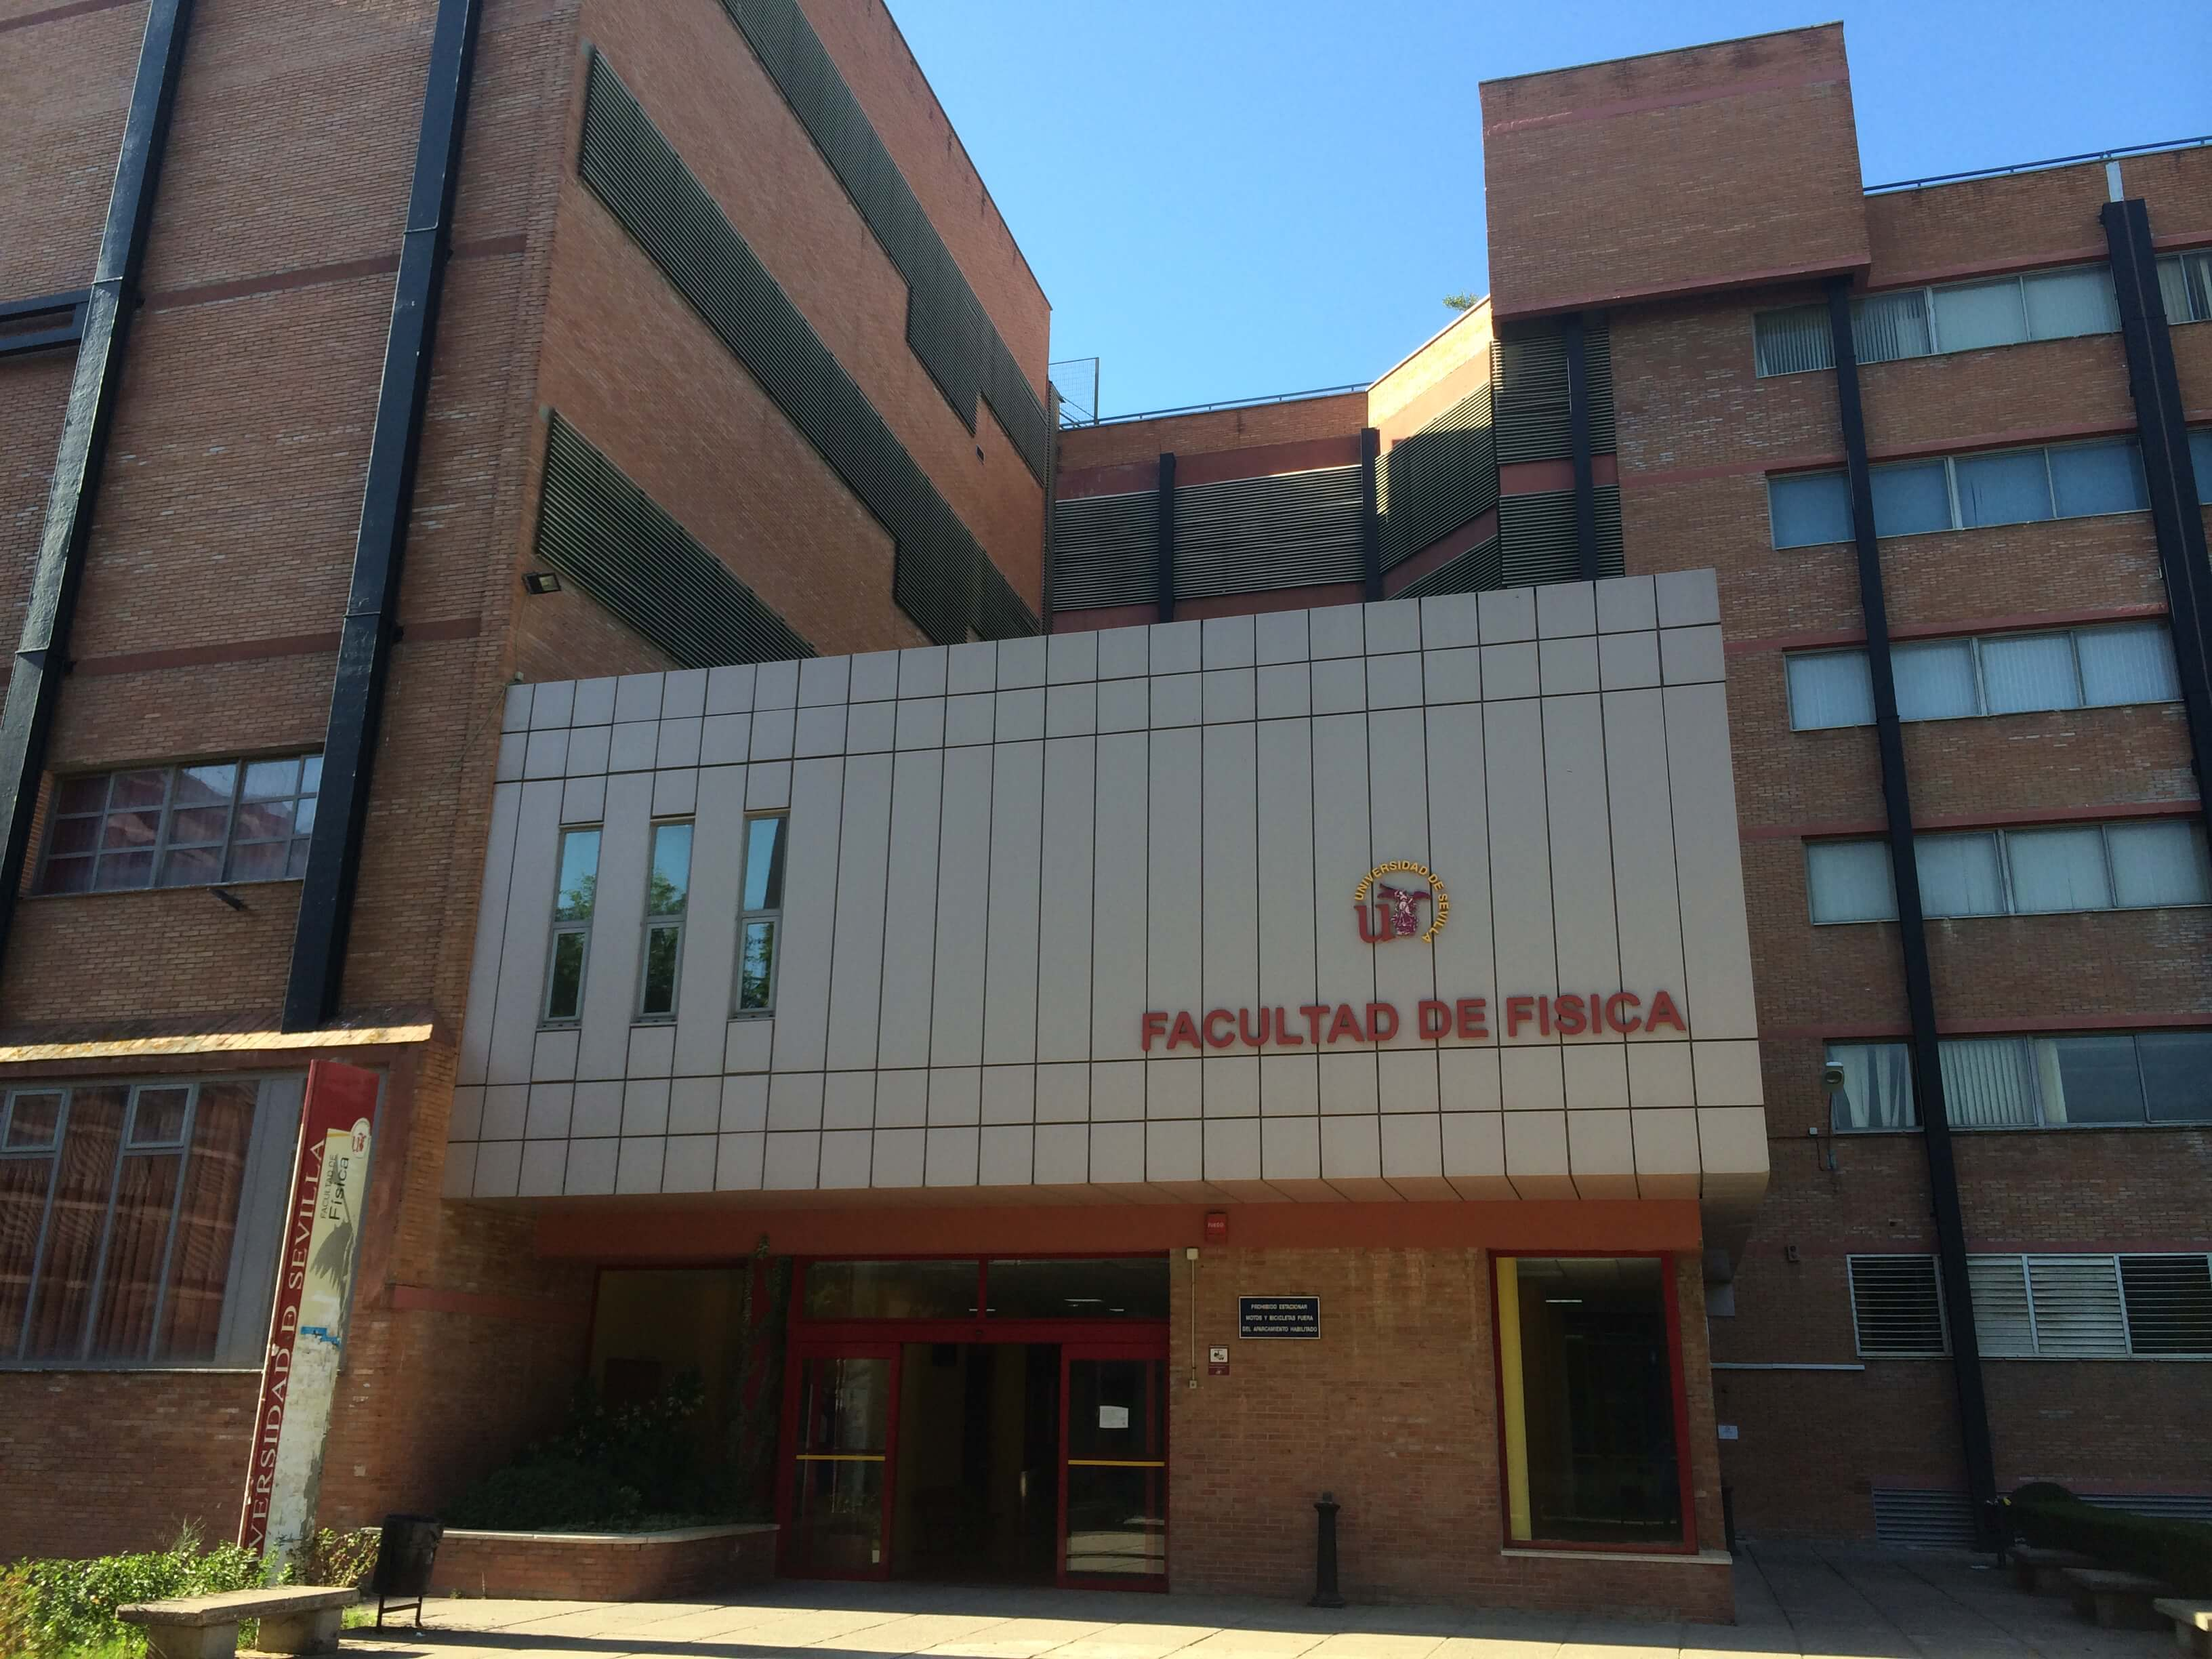 Facultad de Física